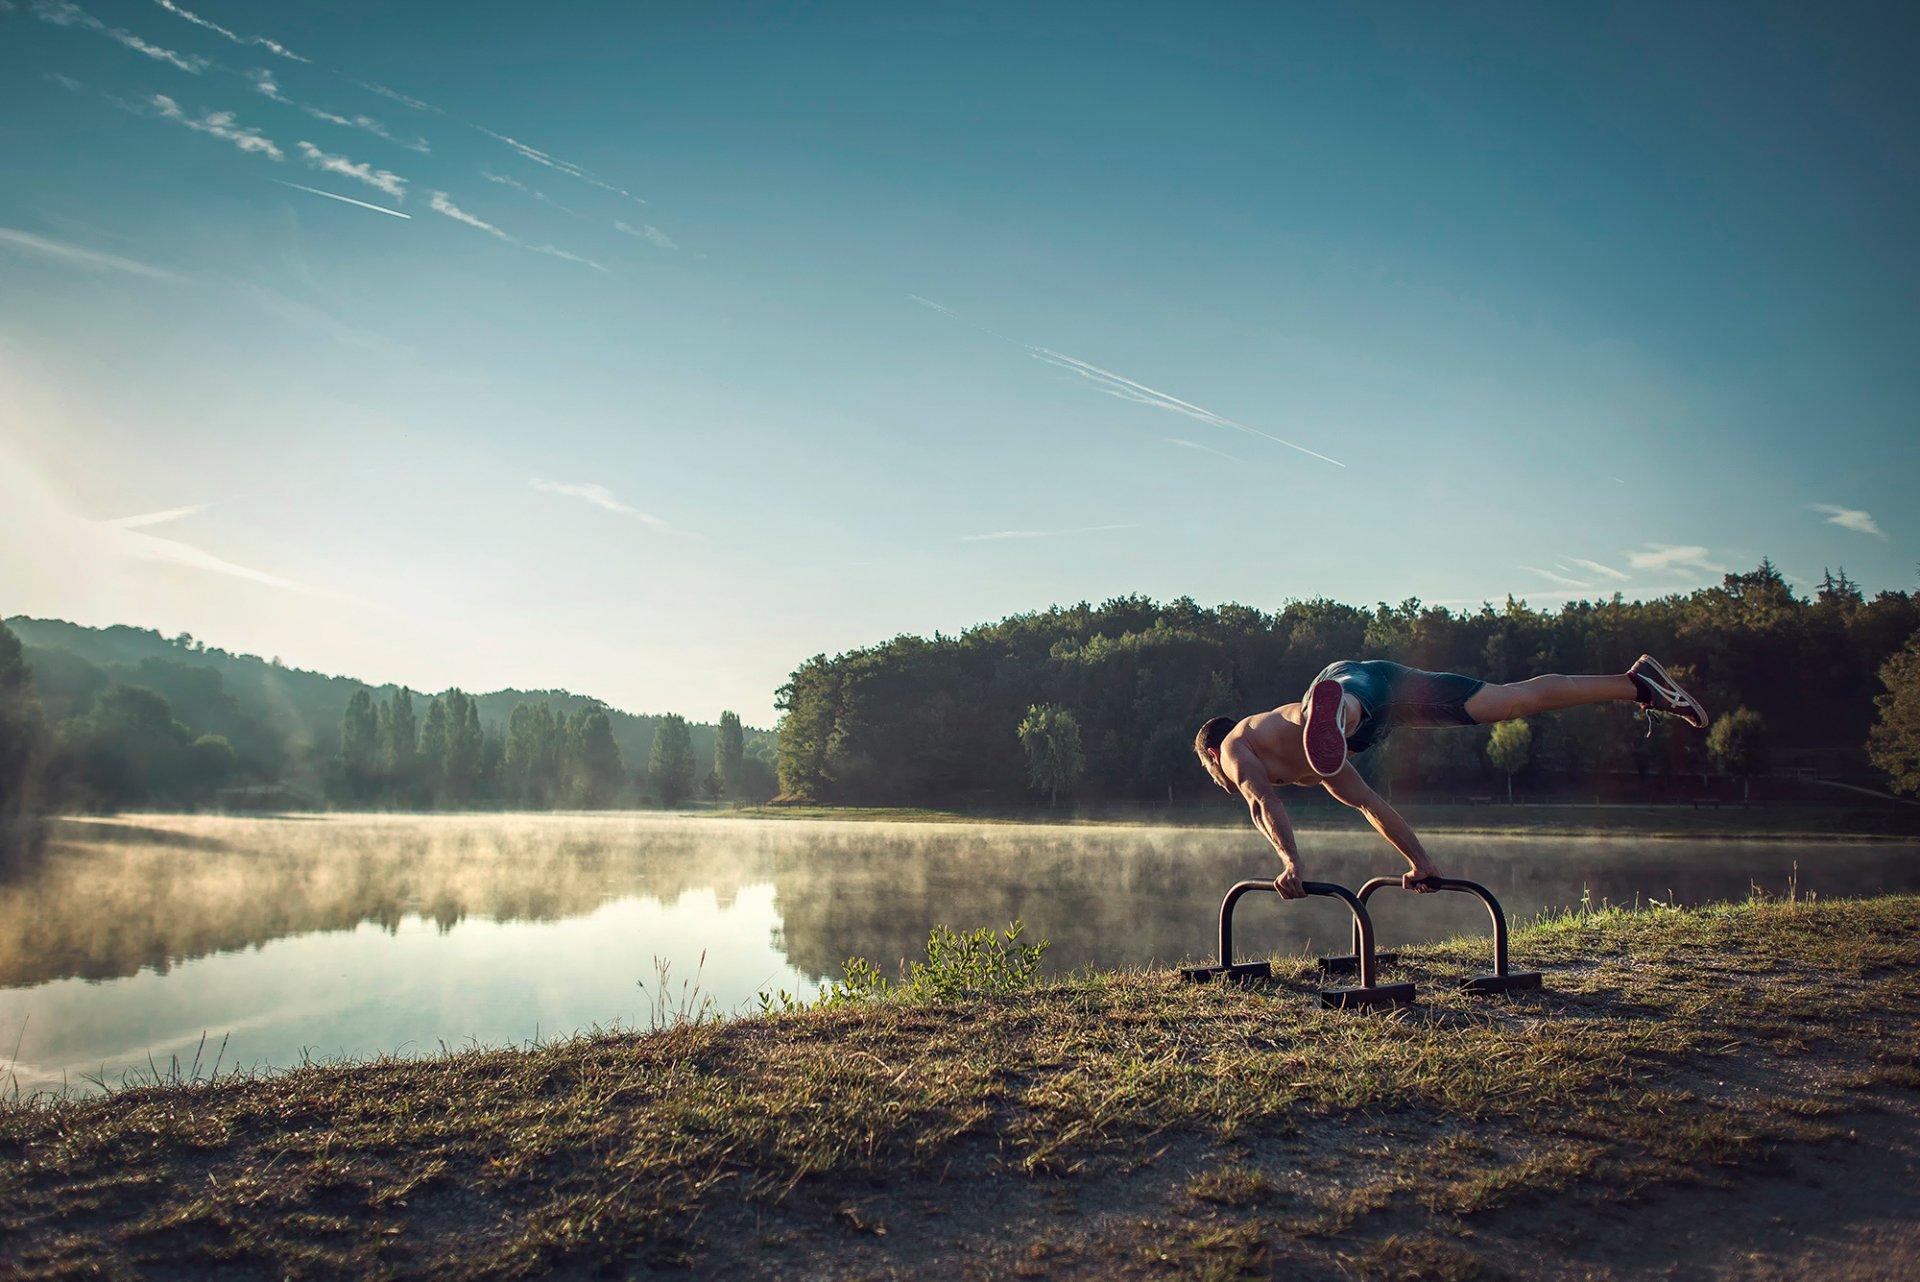 Днем, спортивная картинка с добрым утром